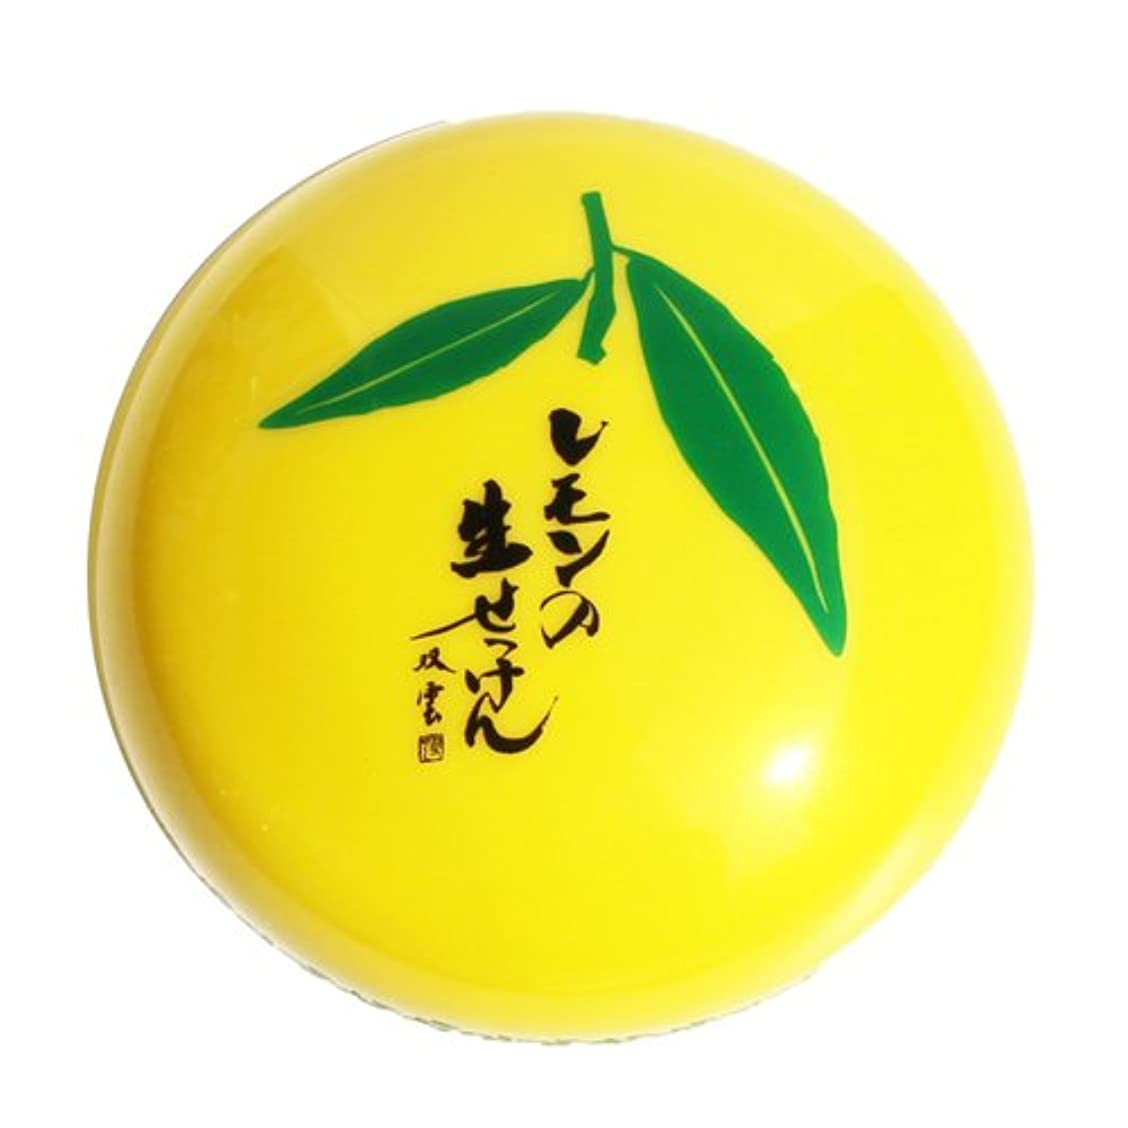 クルーズ不純不確実美香柑 レモンの生せっけん 120g